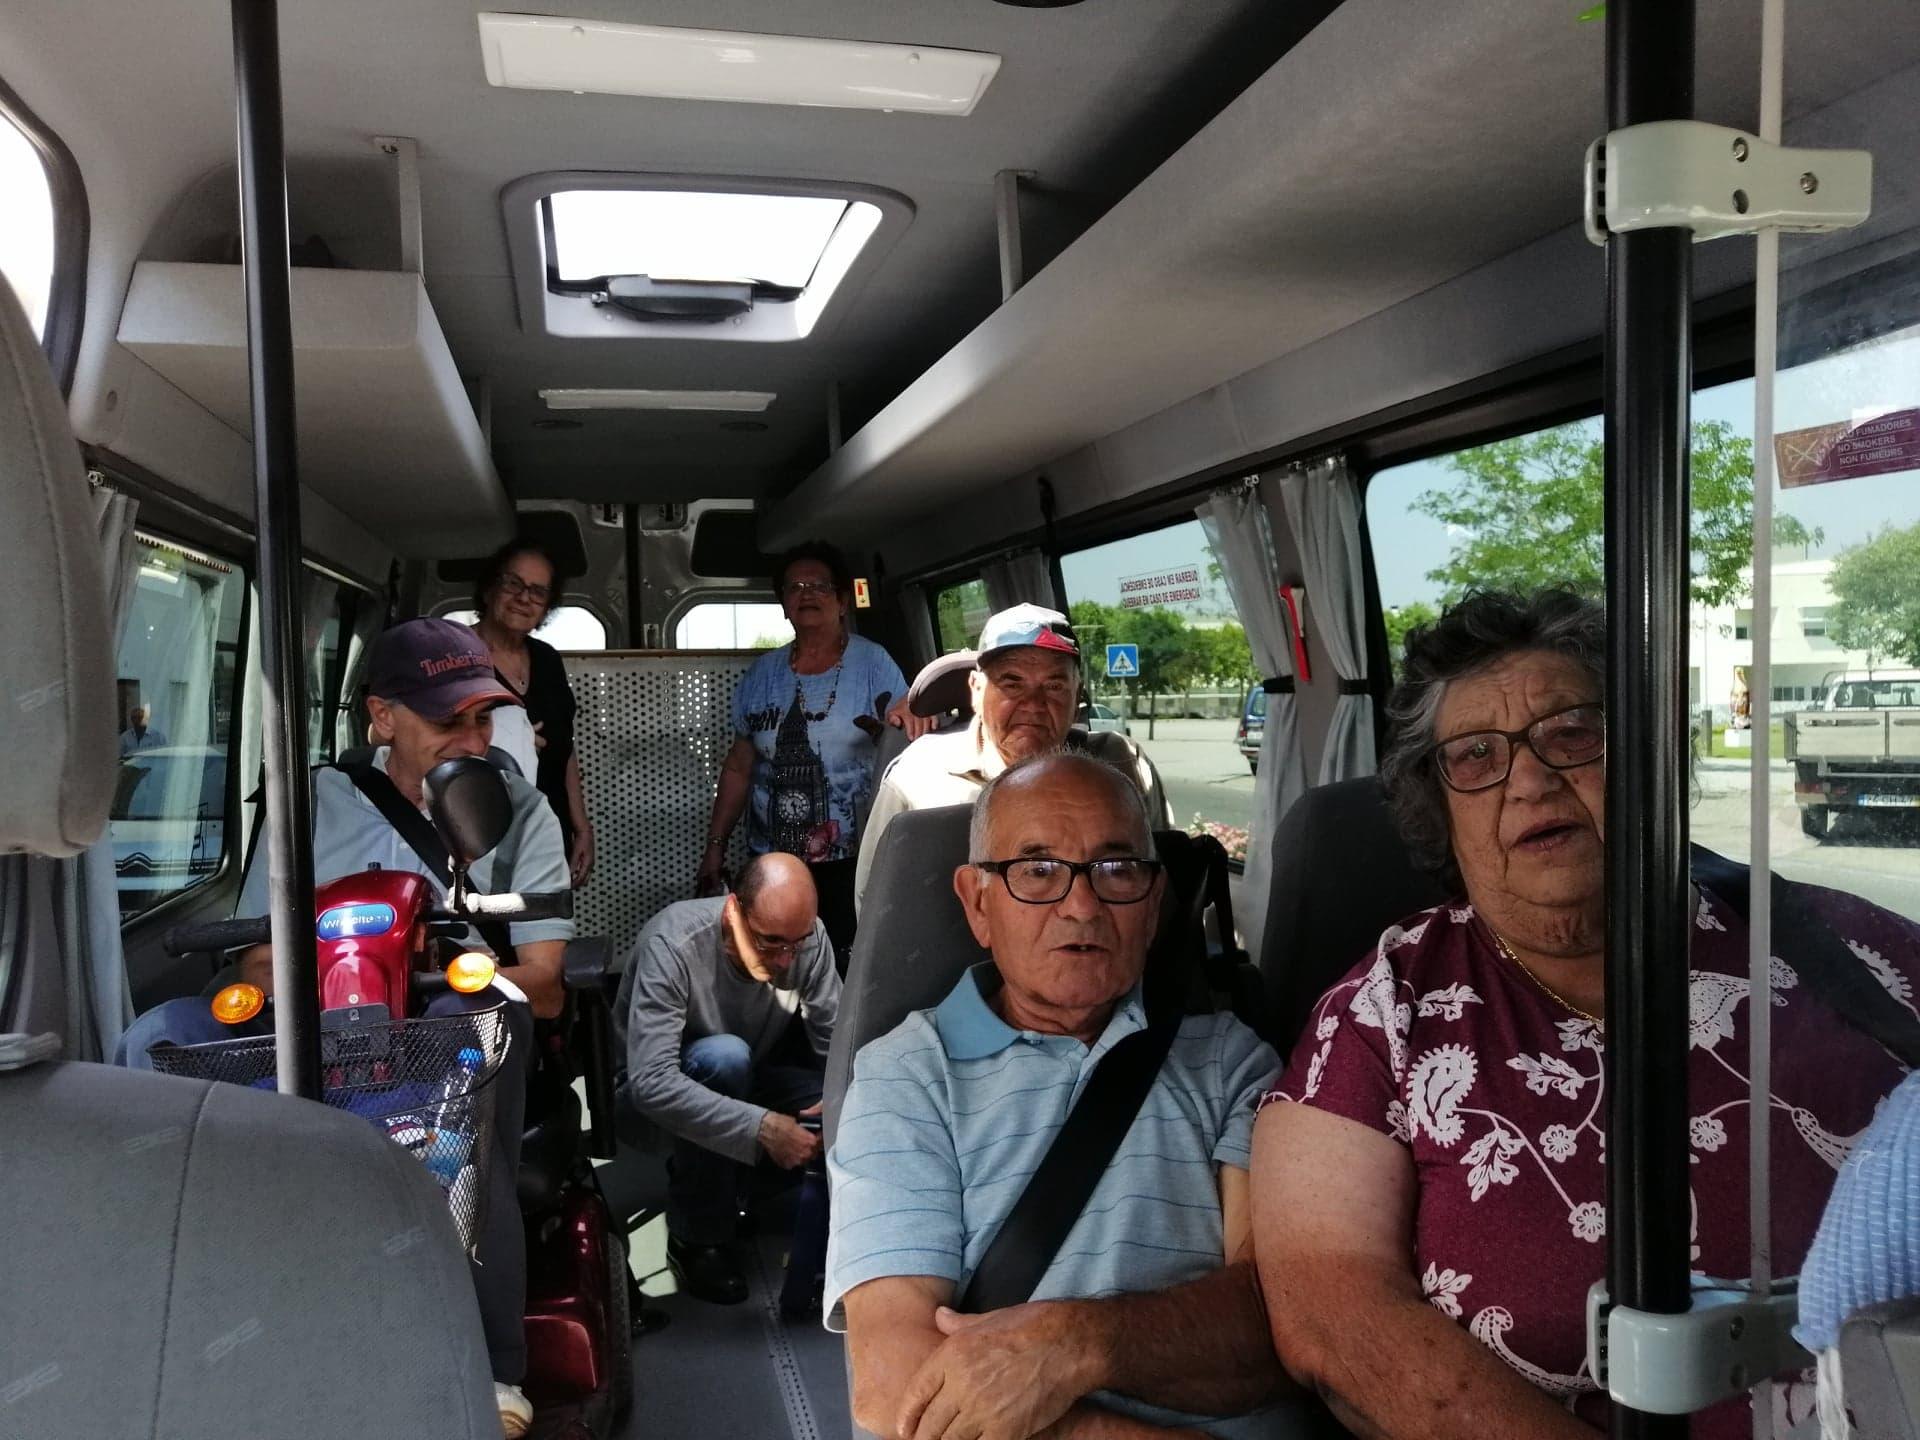 JUNTA DE FREGUESIA DE FANHÕES – PASSEIO PARA PESSOAS MOBILIDADE REDUZIDA